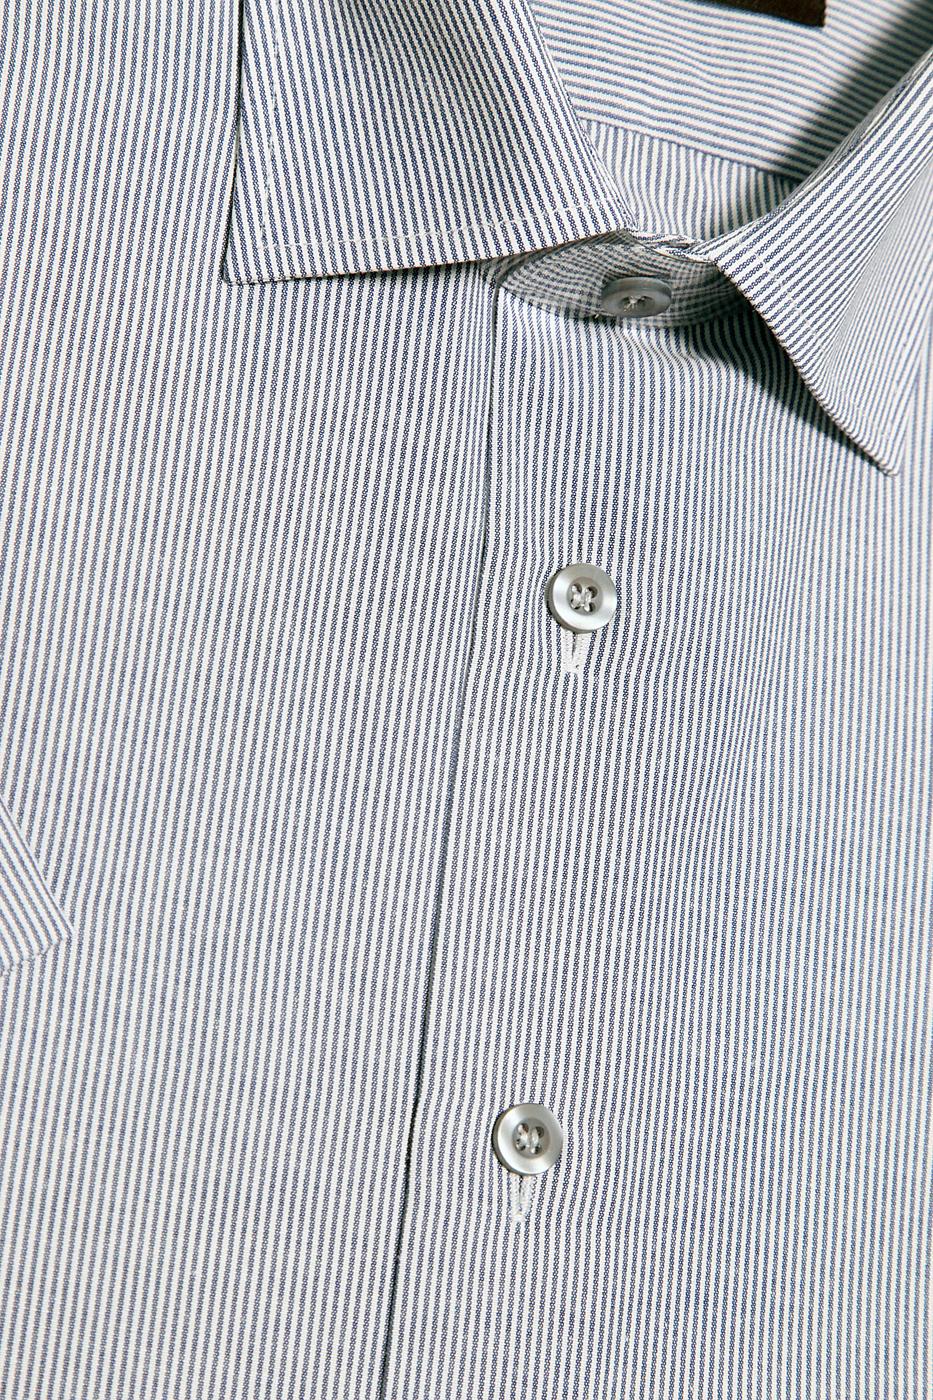 Серая мужская рубашка в полоску с коротким рукавом КР 264 (5407А)